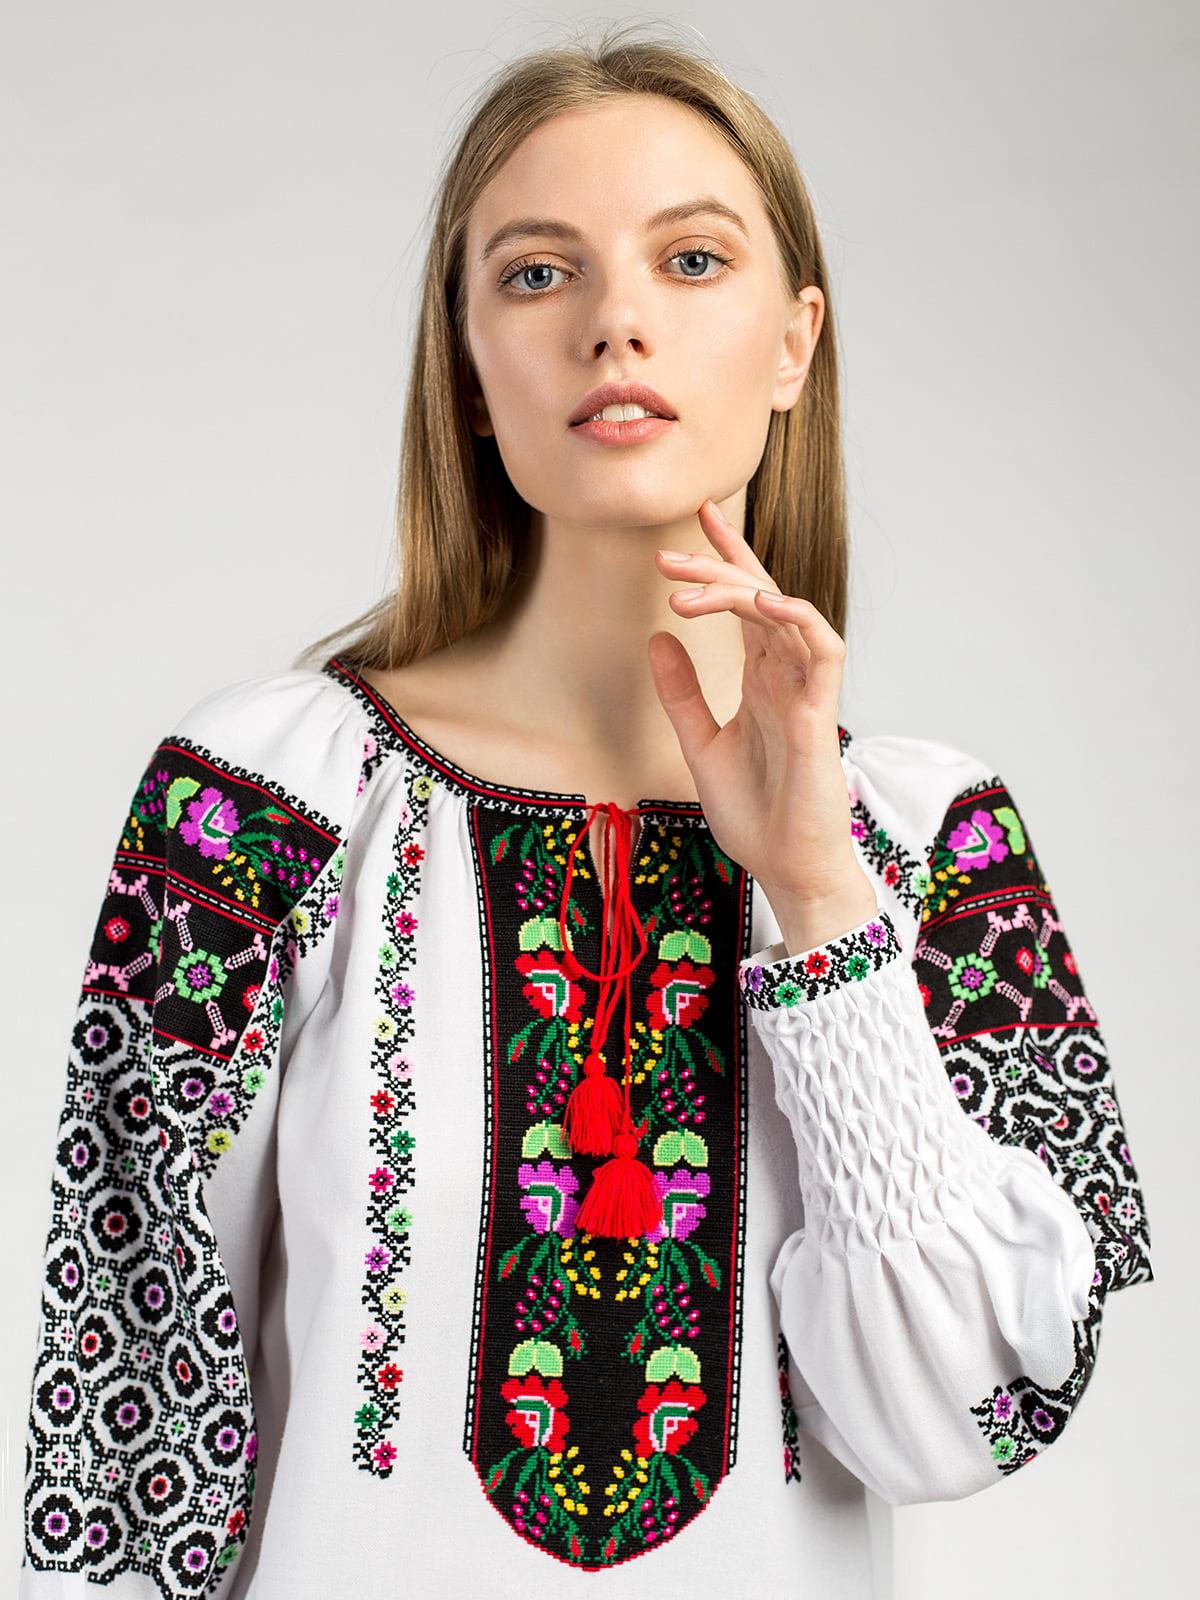 Борщевская женская вышиванка ручной работы Аб2 Фото 2